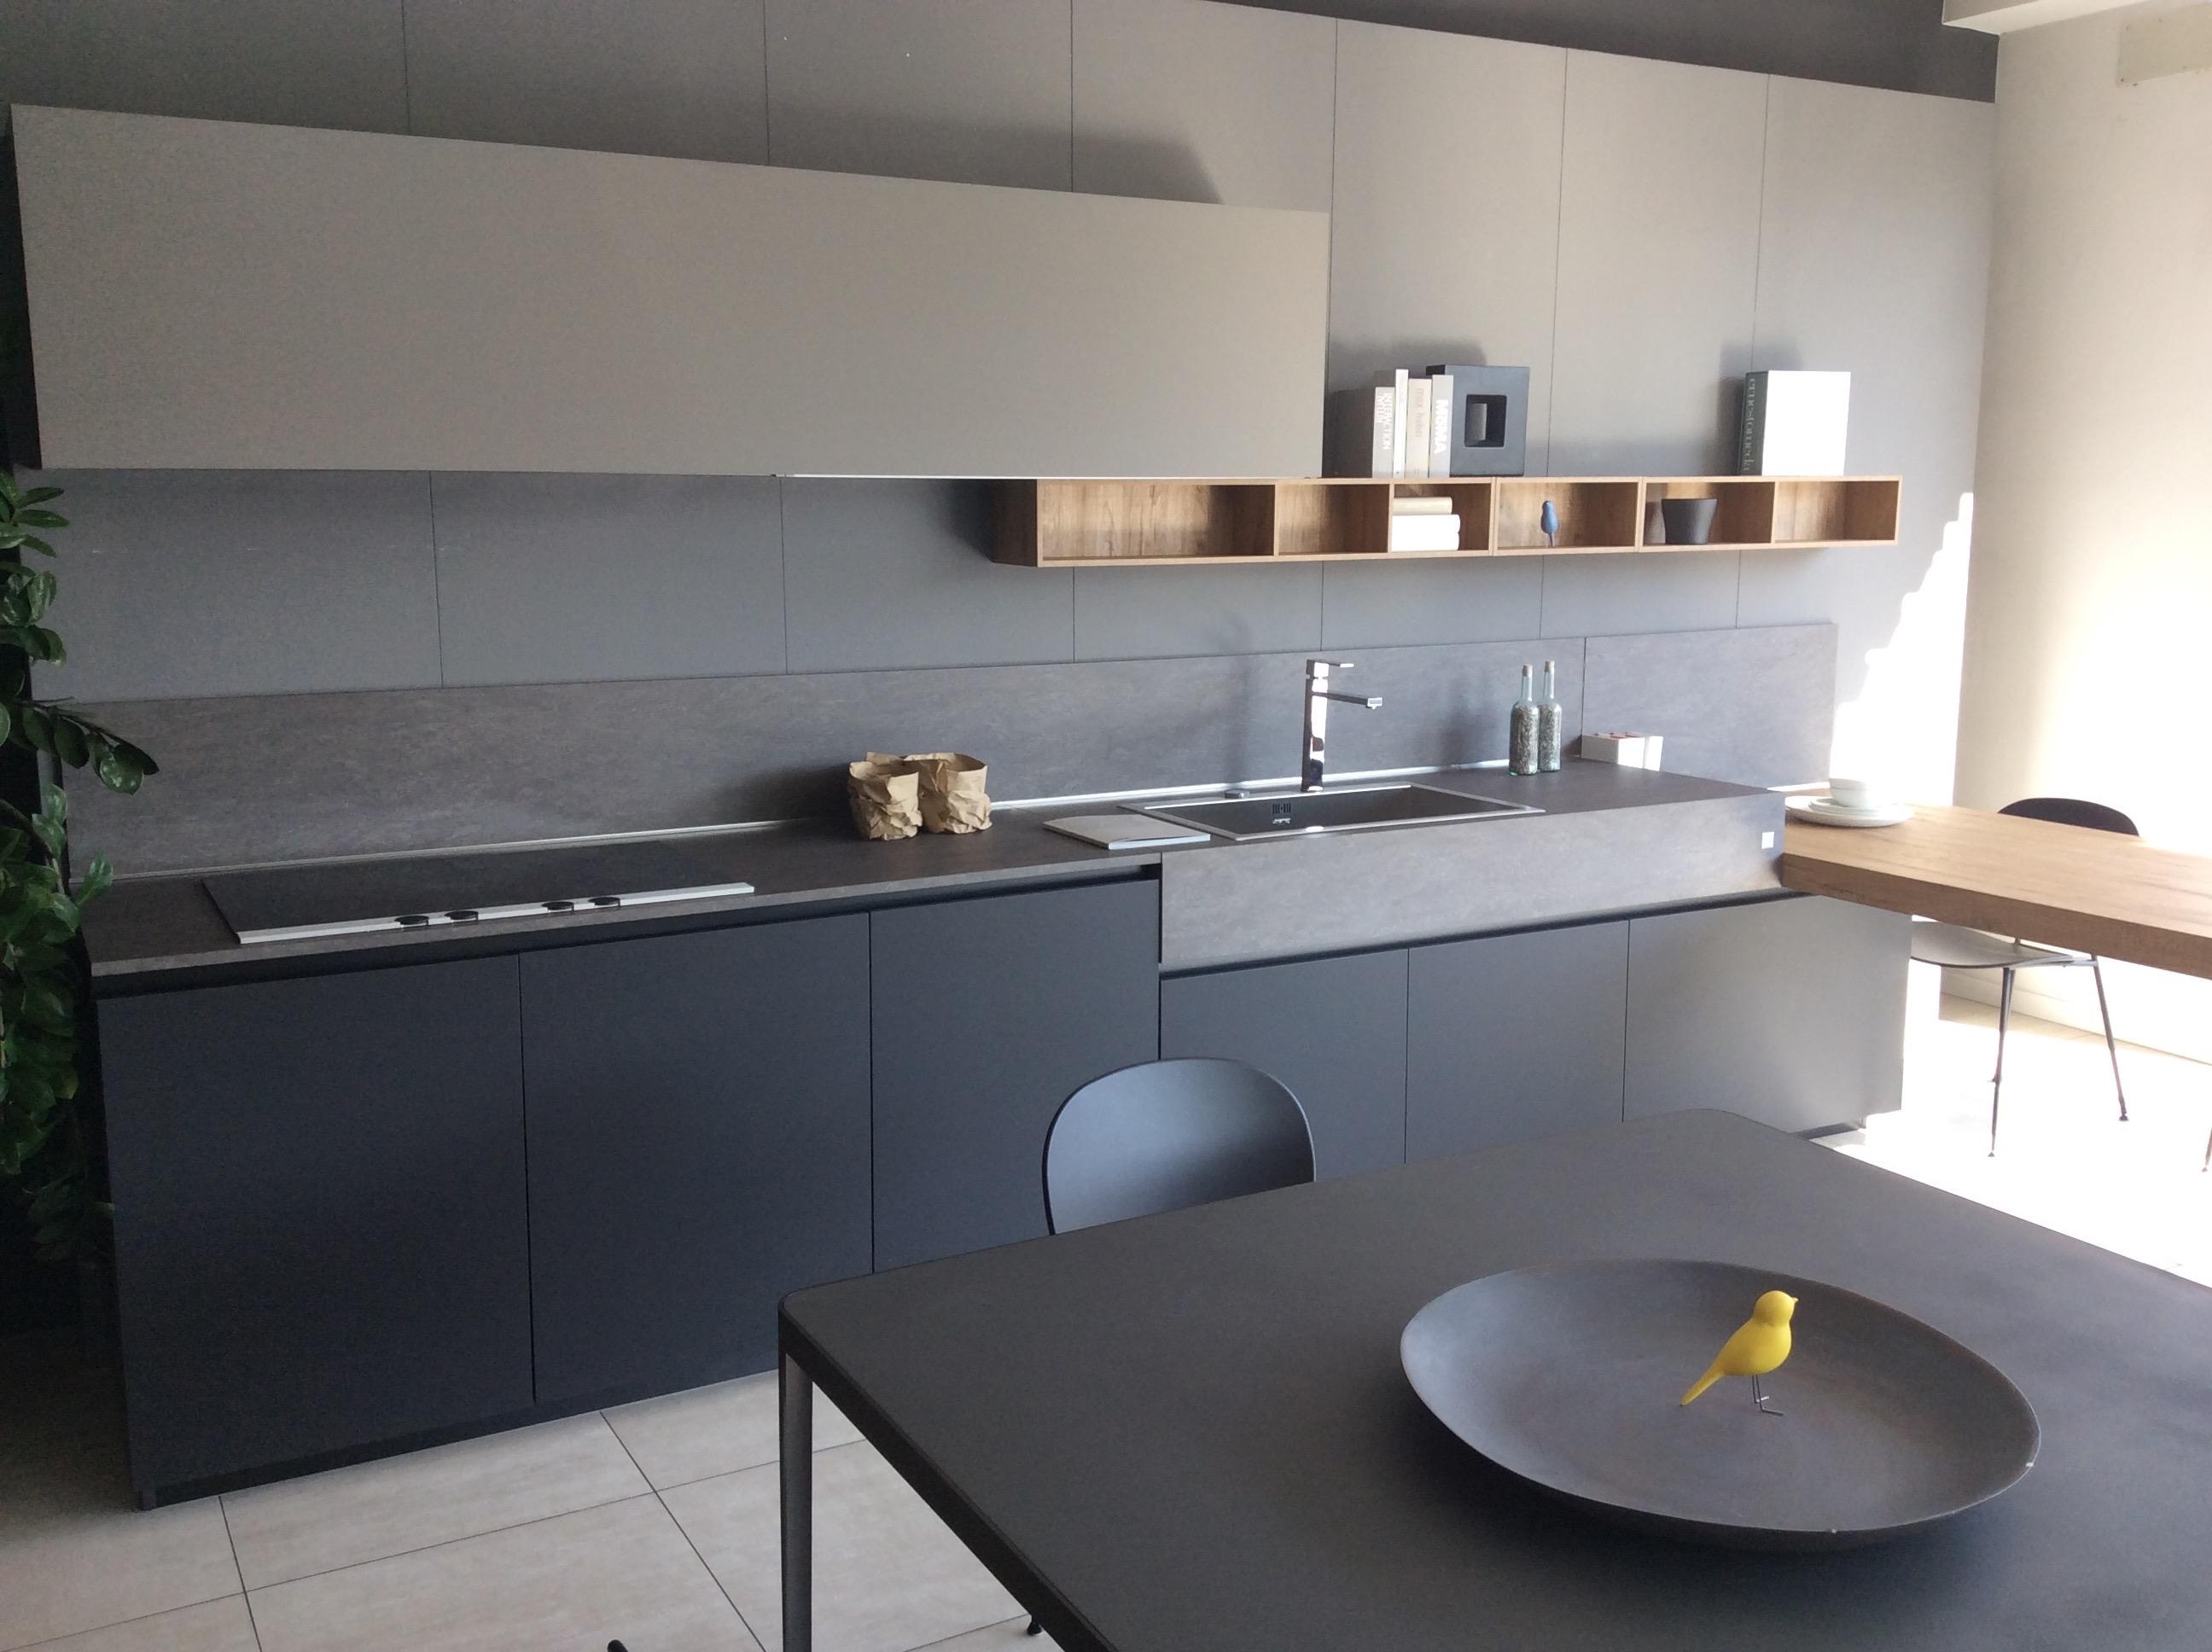 Cucina Ernestomeda One80 Design Cucine A Prezzi Scontati